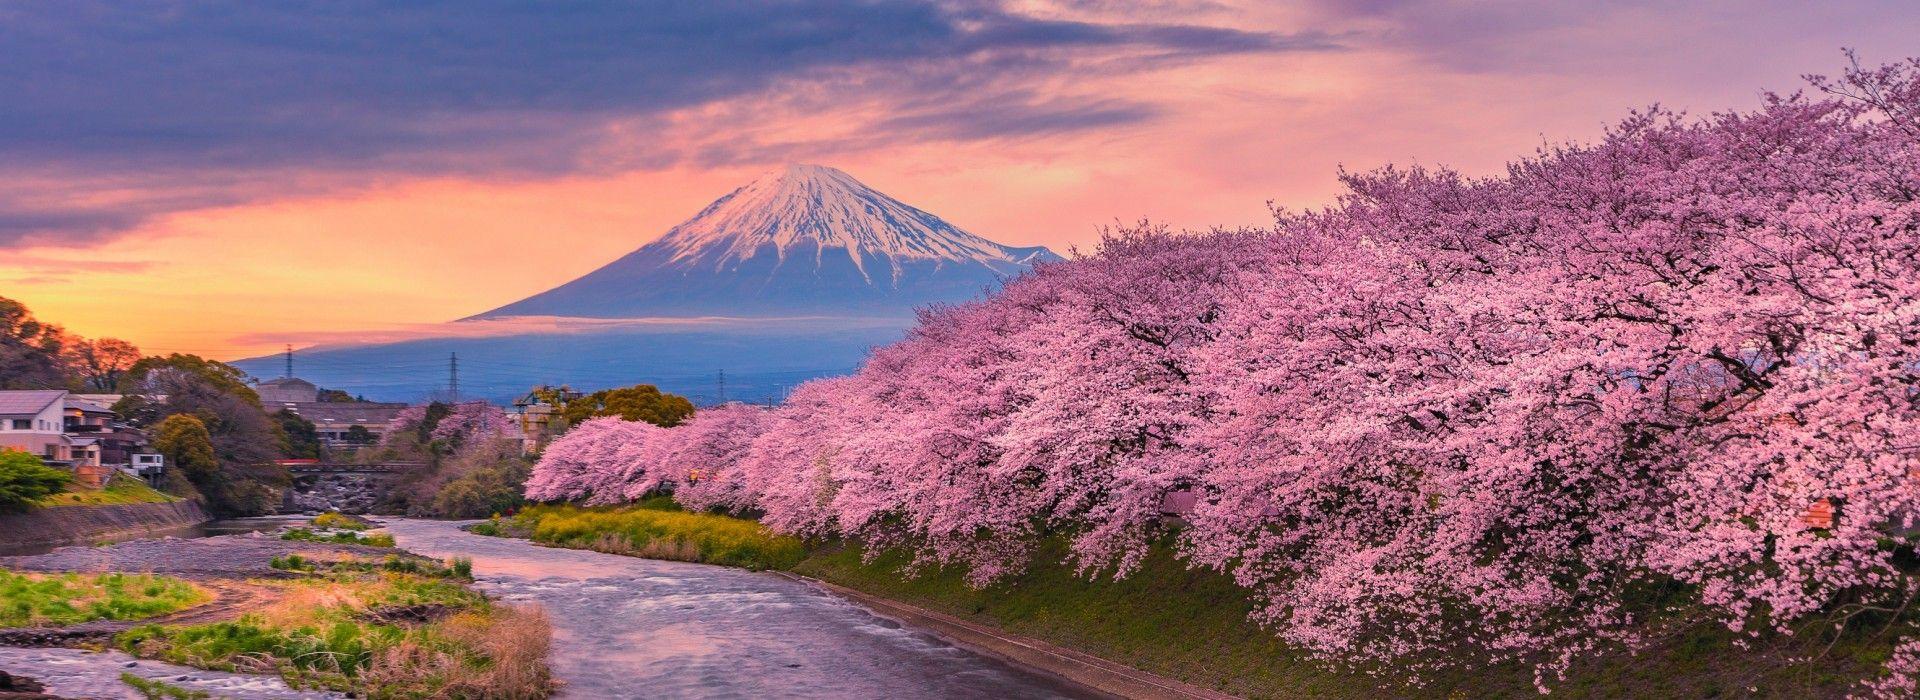 Walking tours in Japan